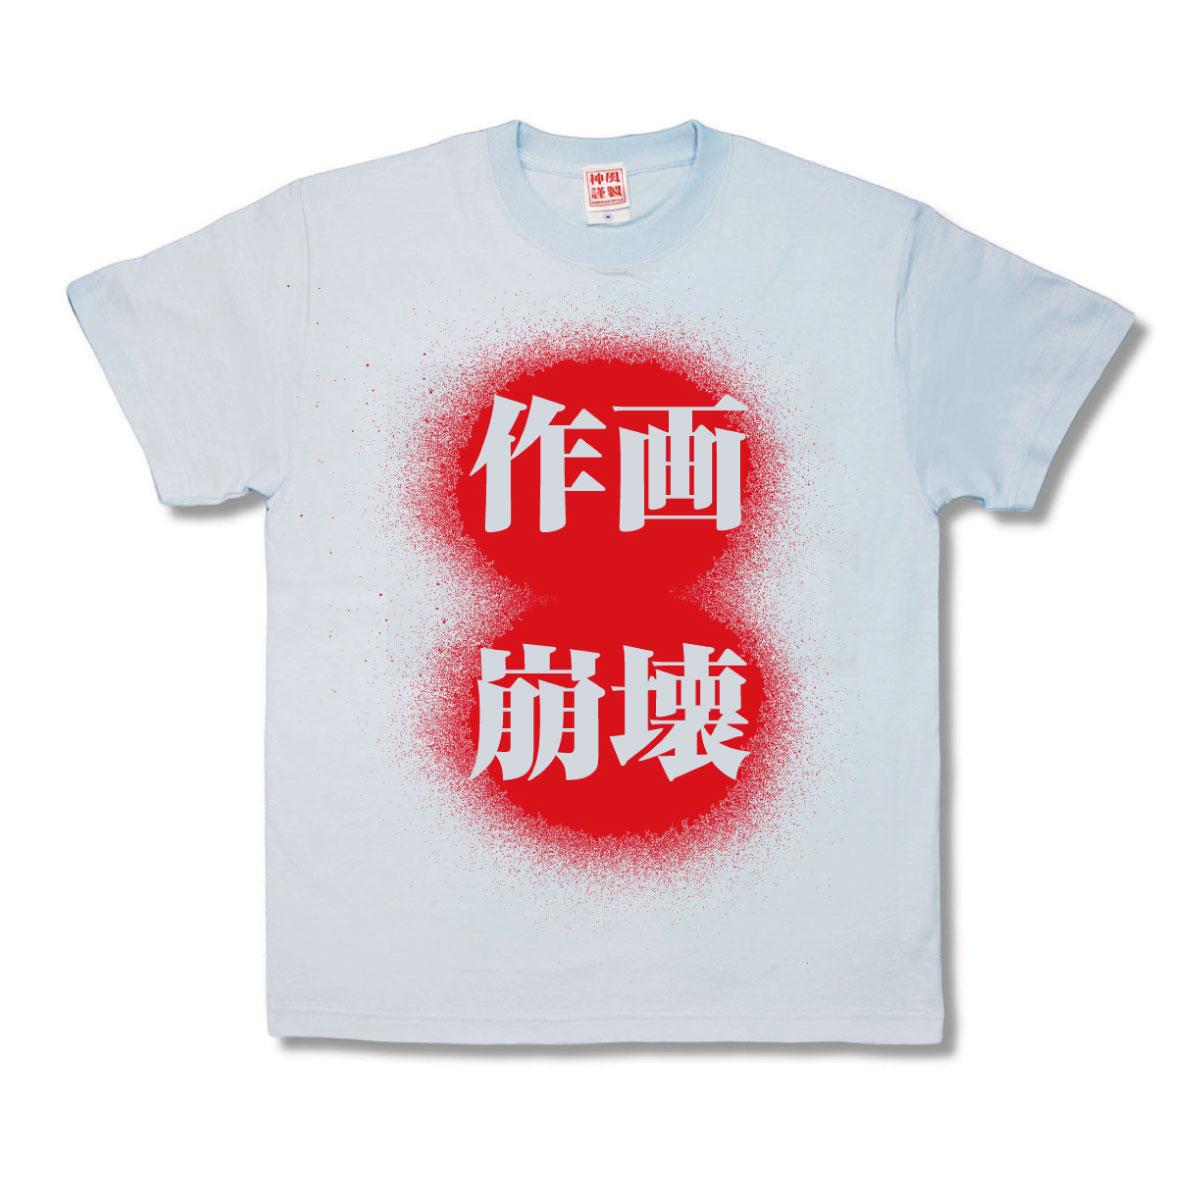 おもしろTシャツ 公式サイト 新作通販 作画崩壊